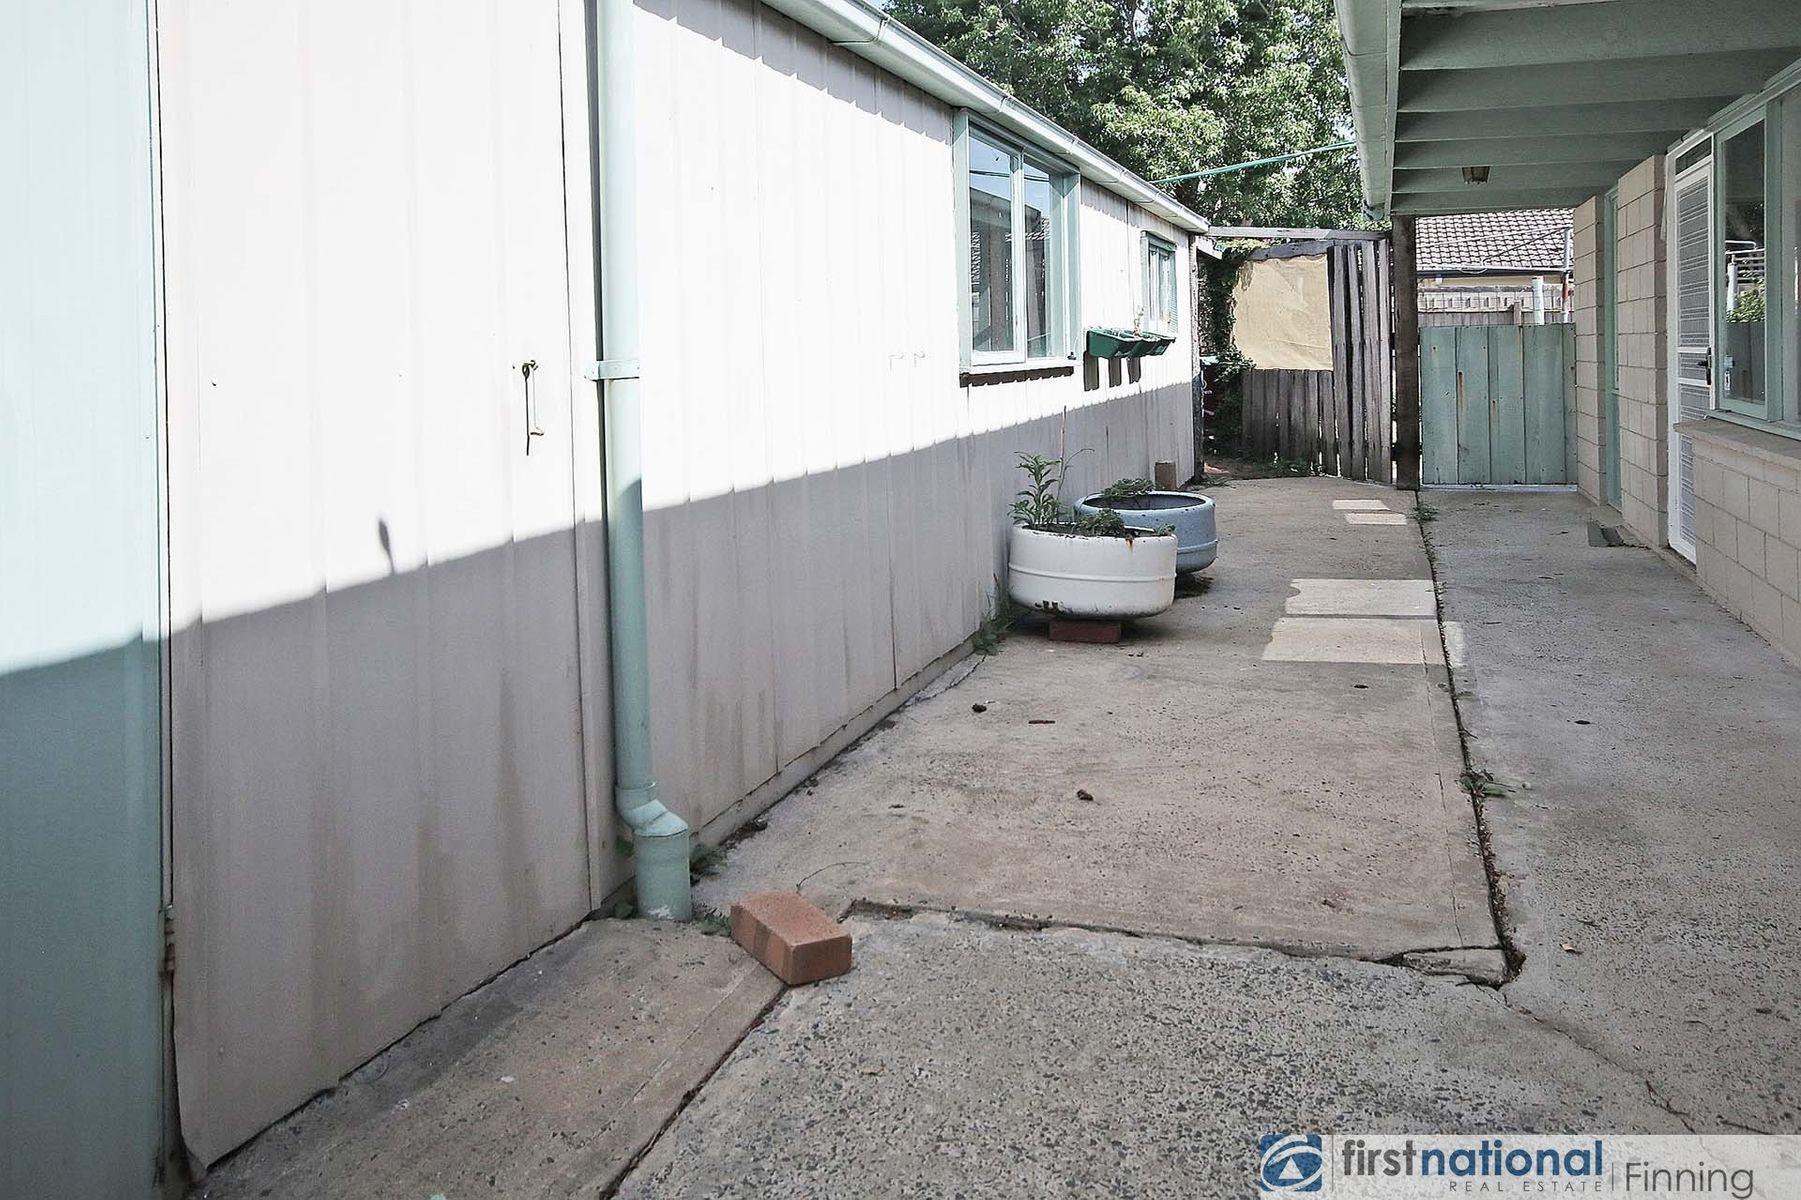 38 Camms Road, Cranbourne, VIC 3977